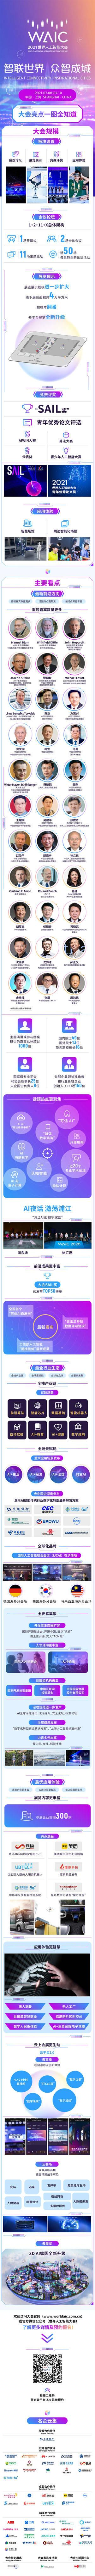 人工智能会(2021年人工智能会议)